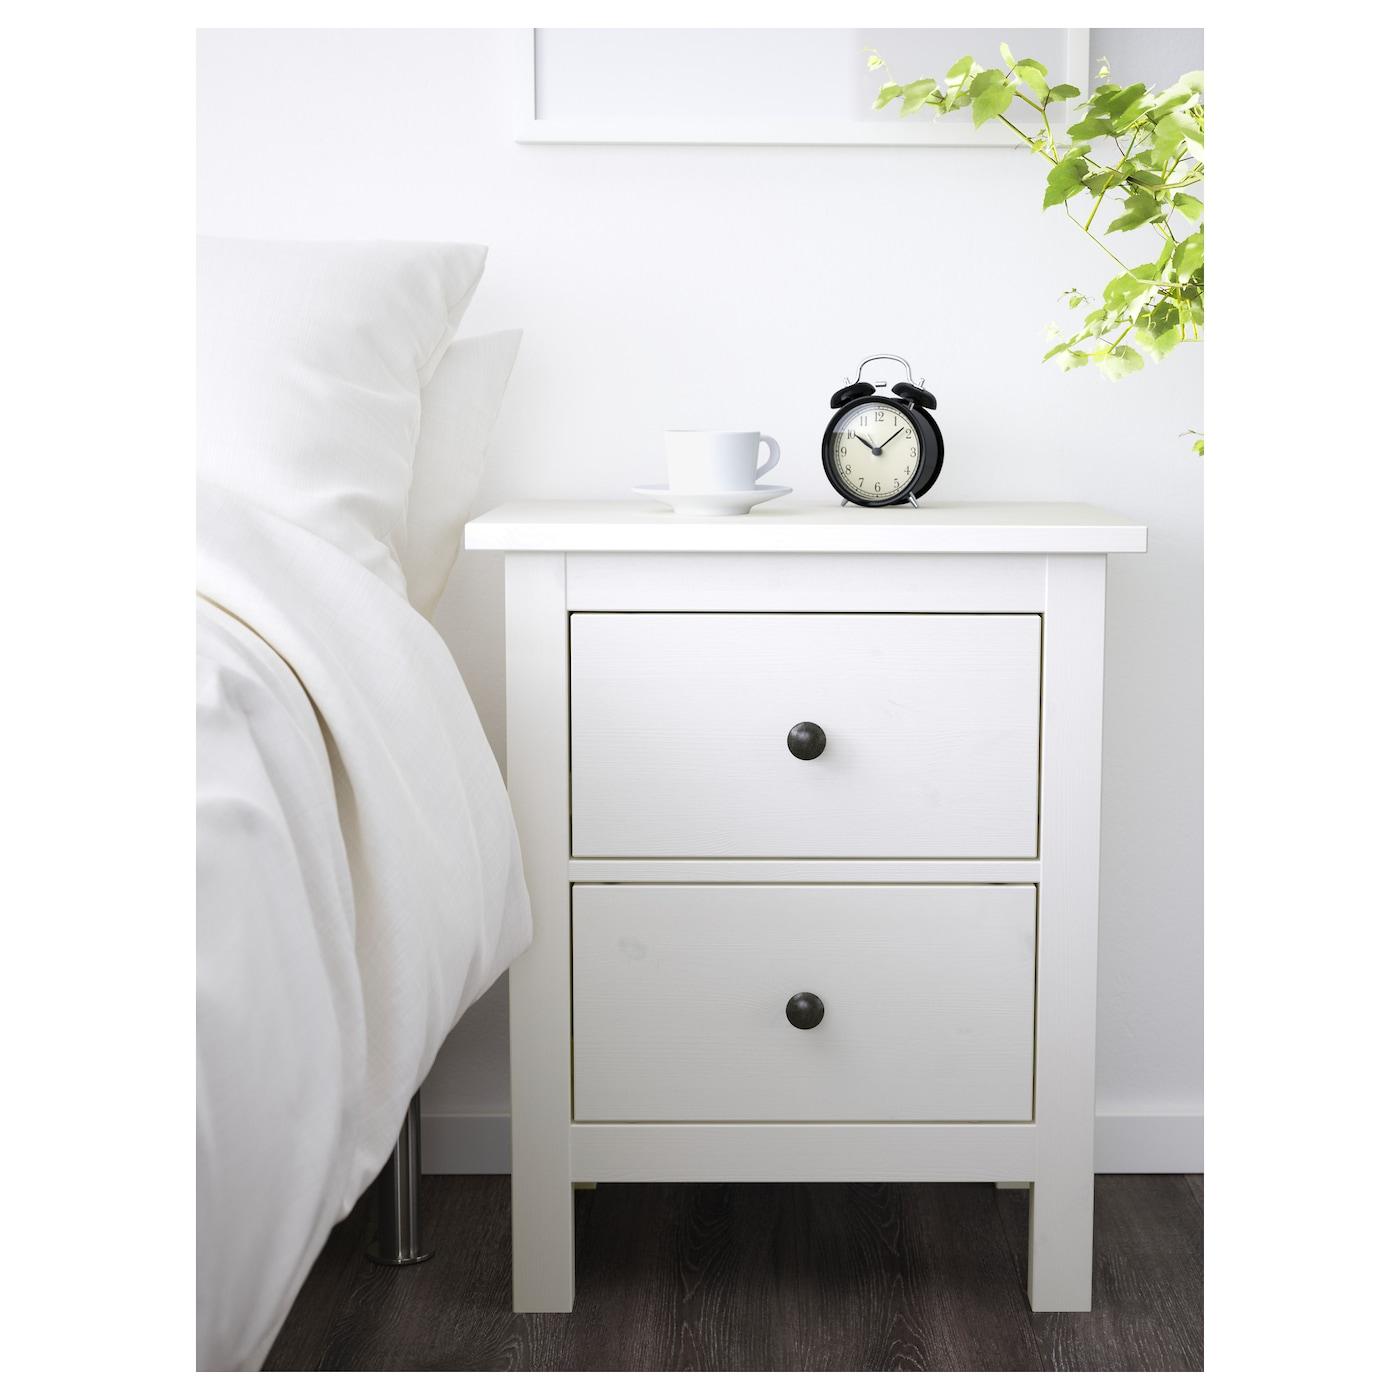 Hemnes c moda de 2 cajones tinte blanco 54 x 66 cm ikea - Comoda hemnes 8 cajones ...